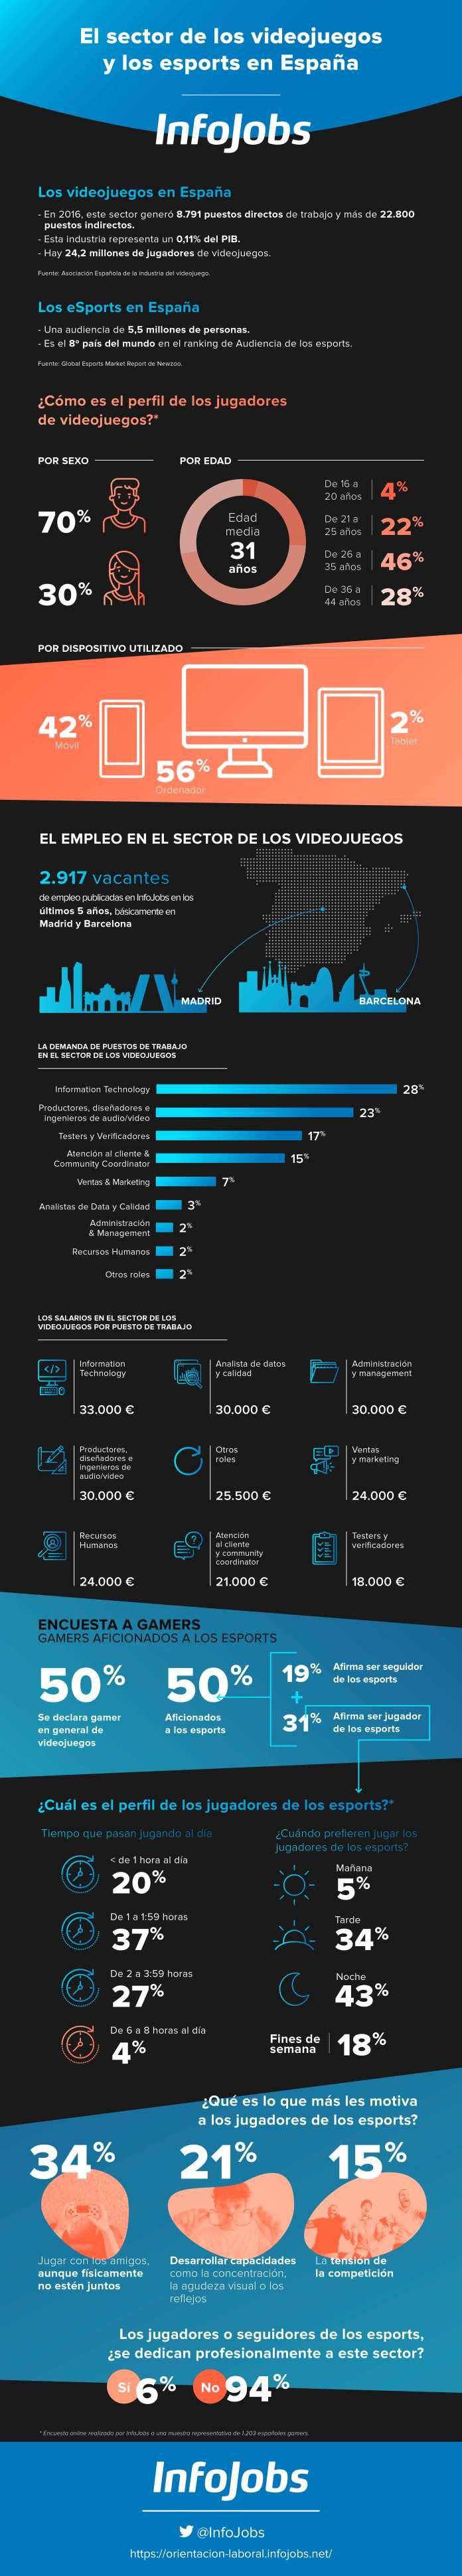 Infografia sobre empleos y profesiones relacionadas a los videojuegos en España